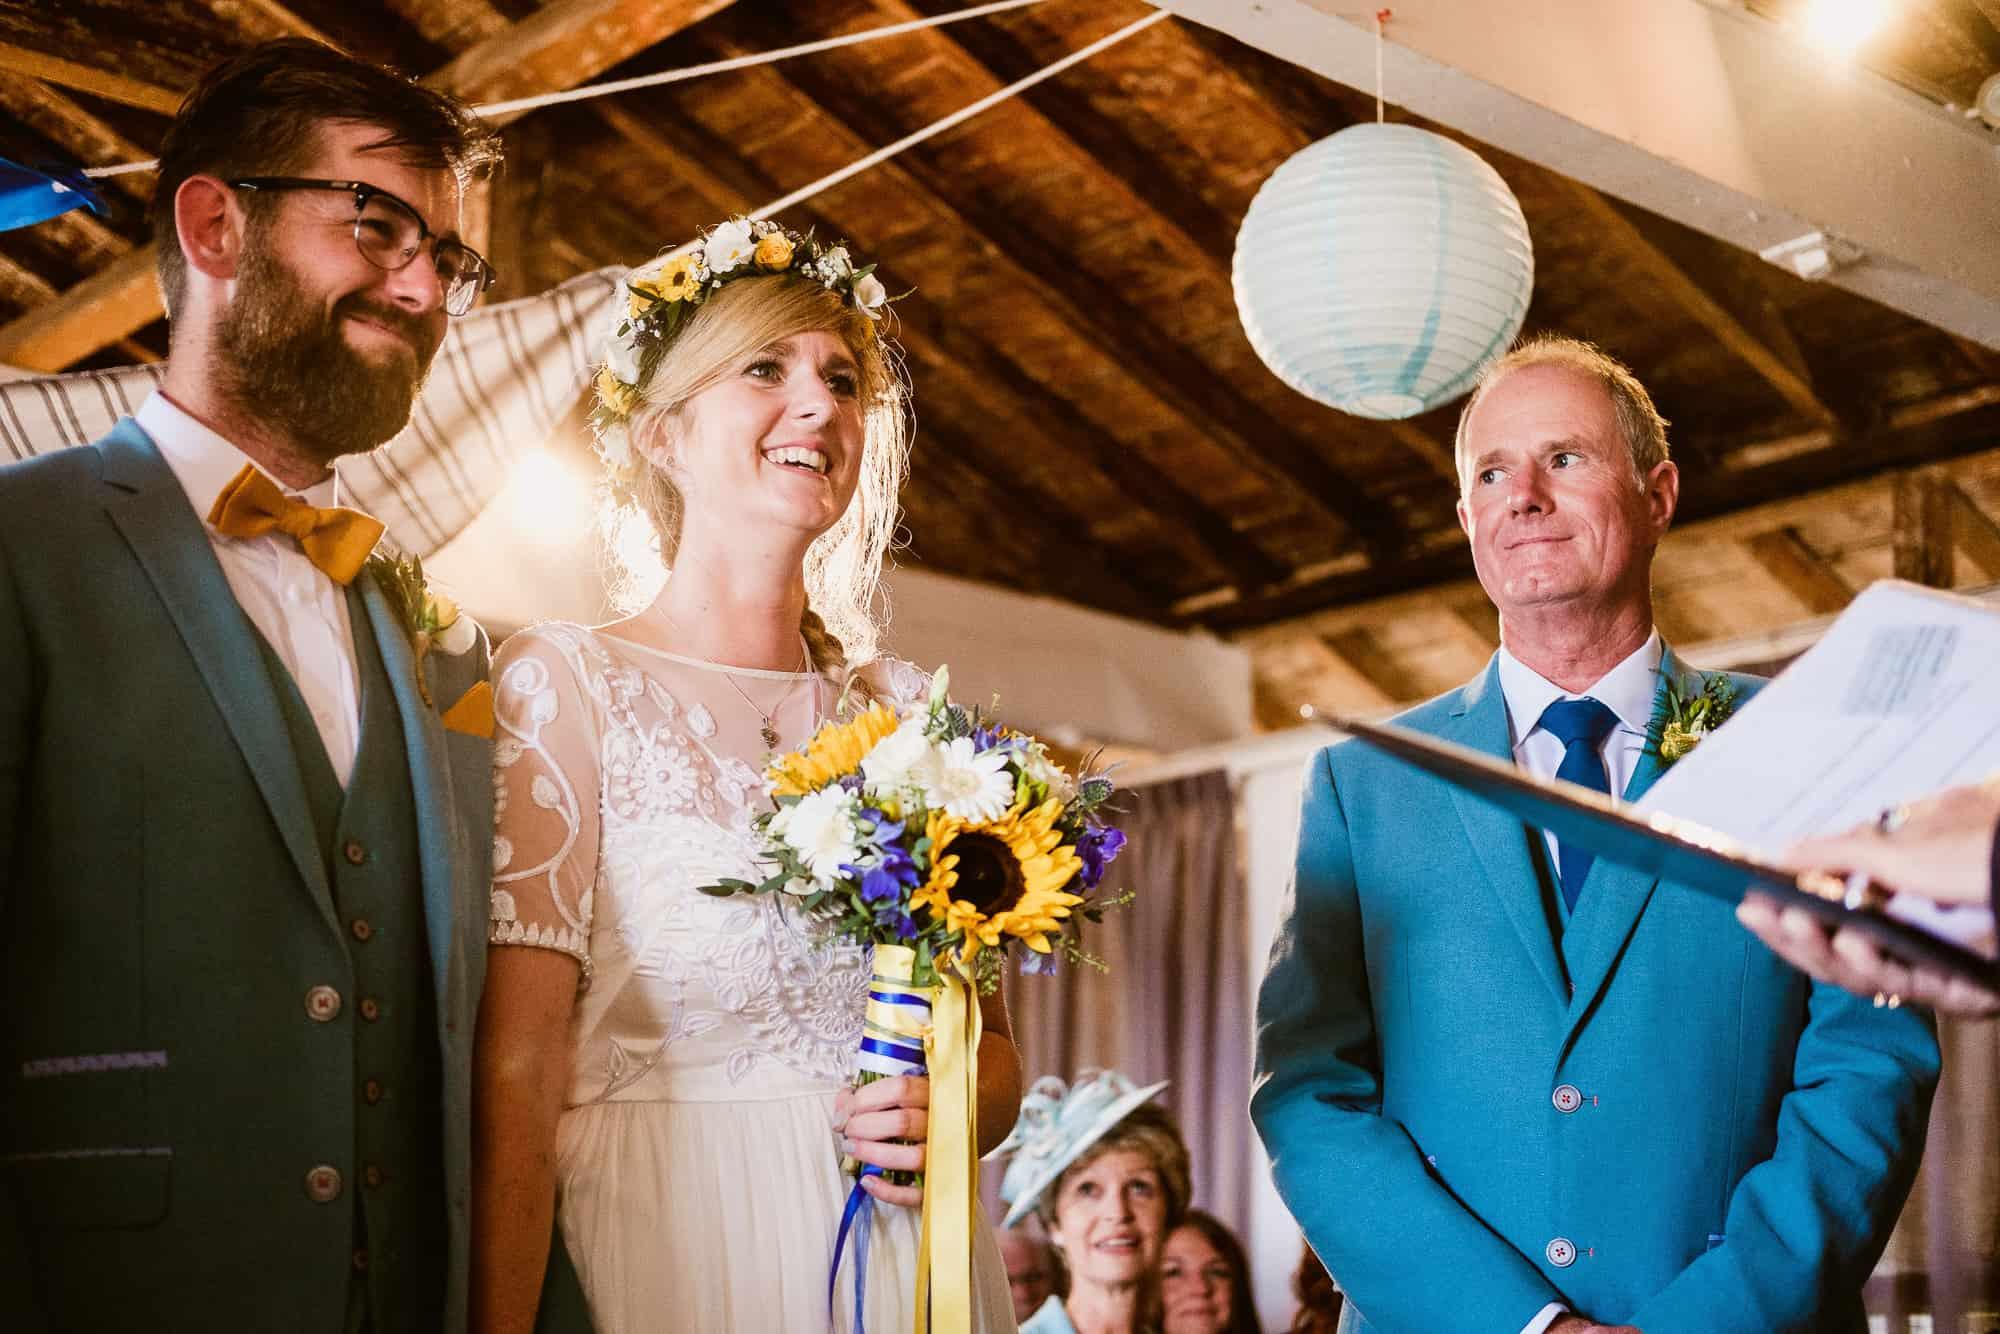 east-quay-wedding-photography-matt-tyler-0030